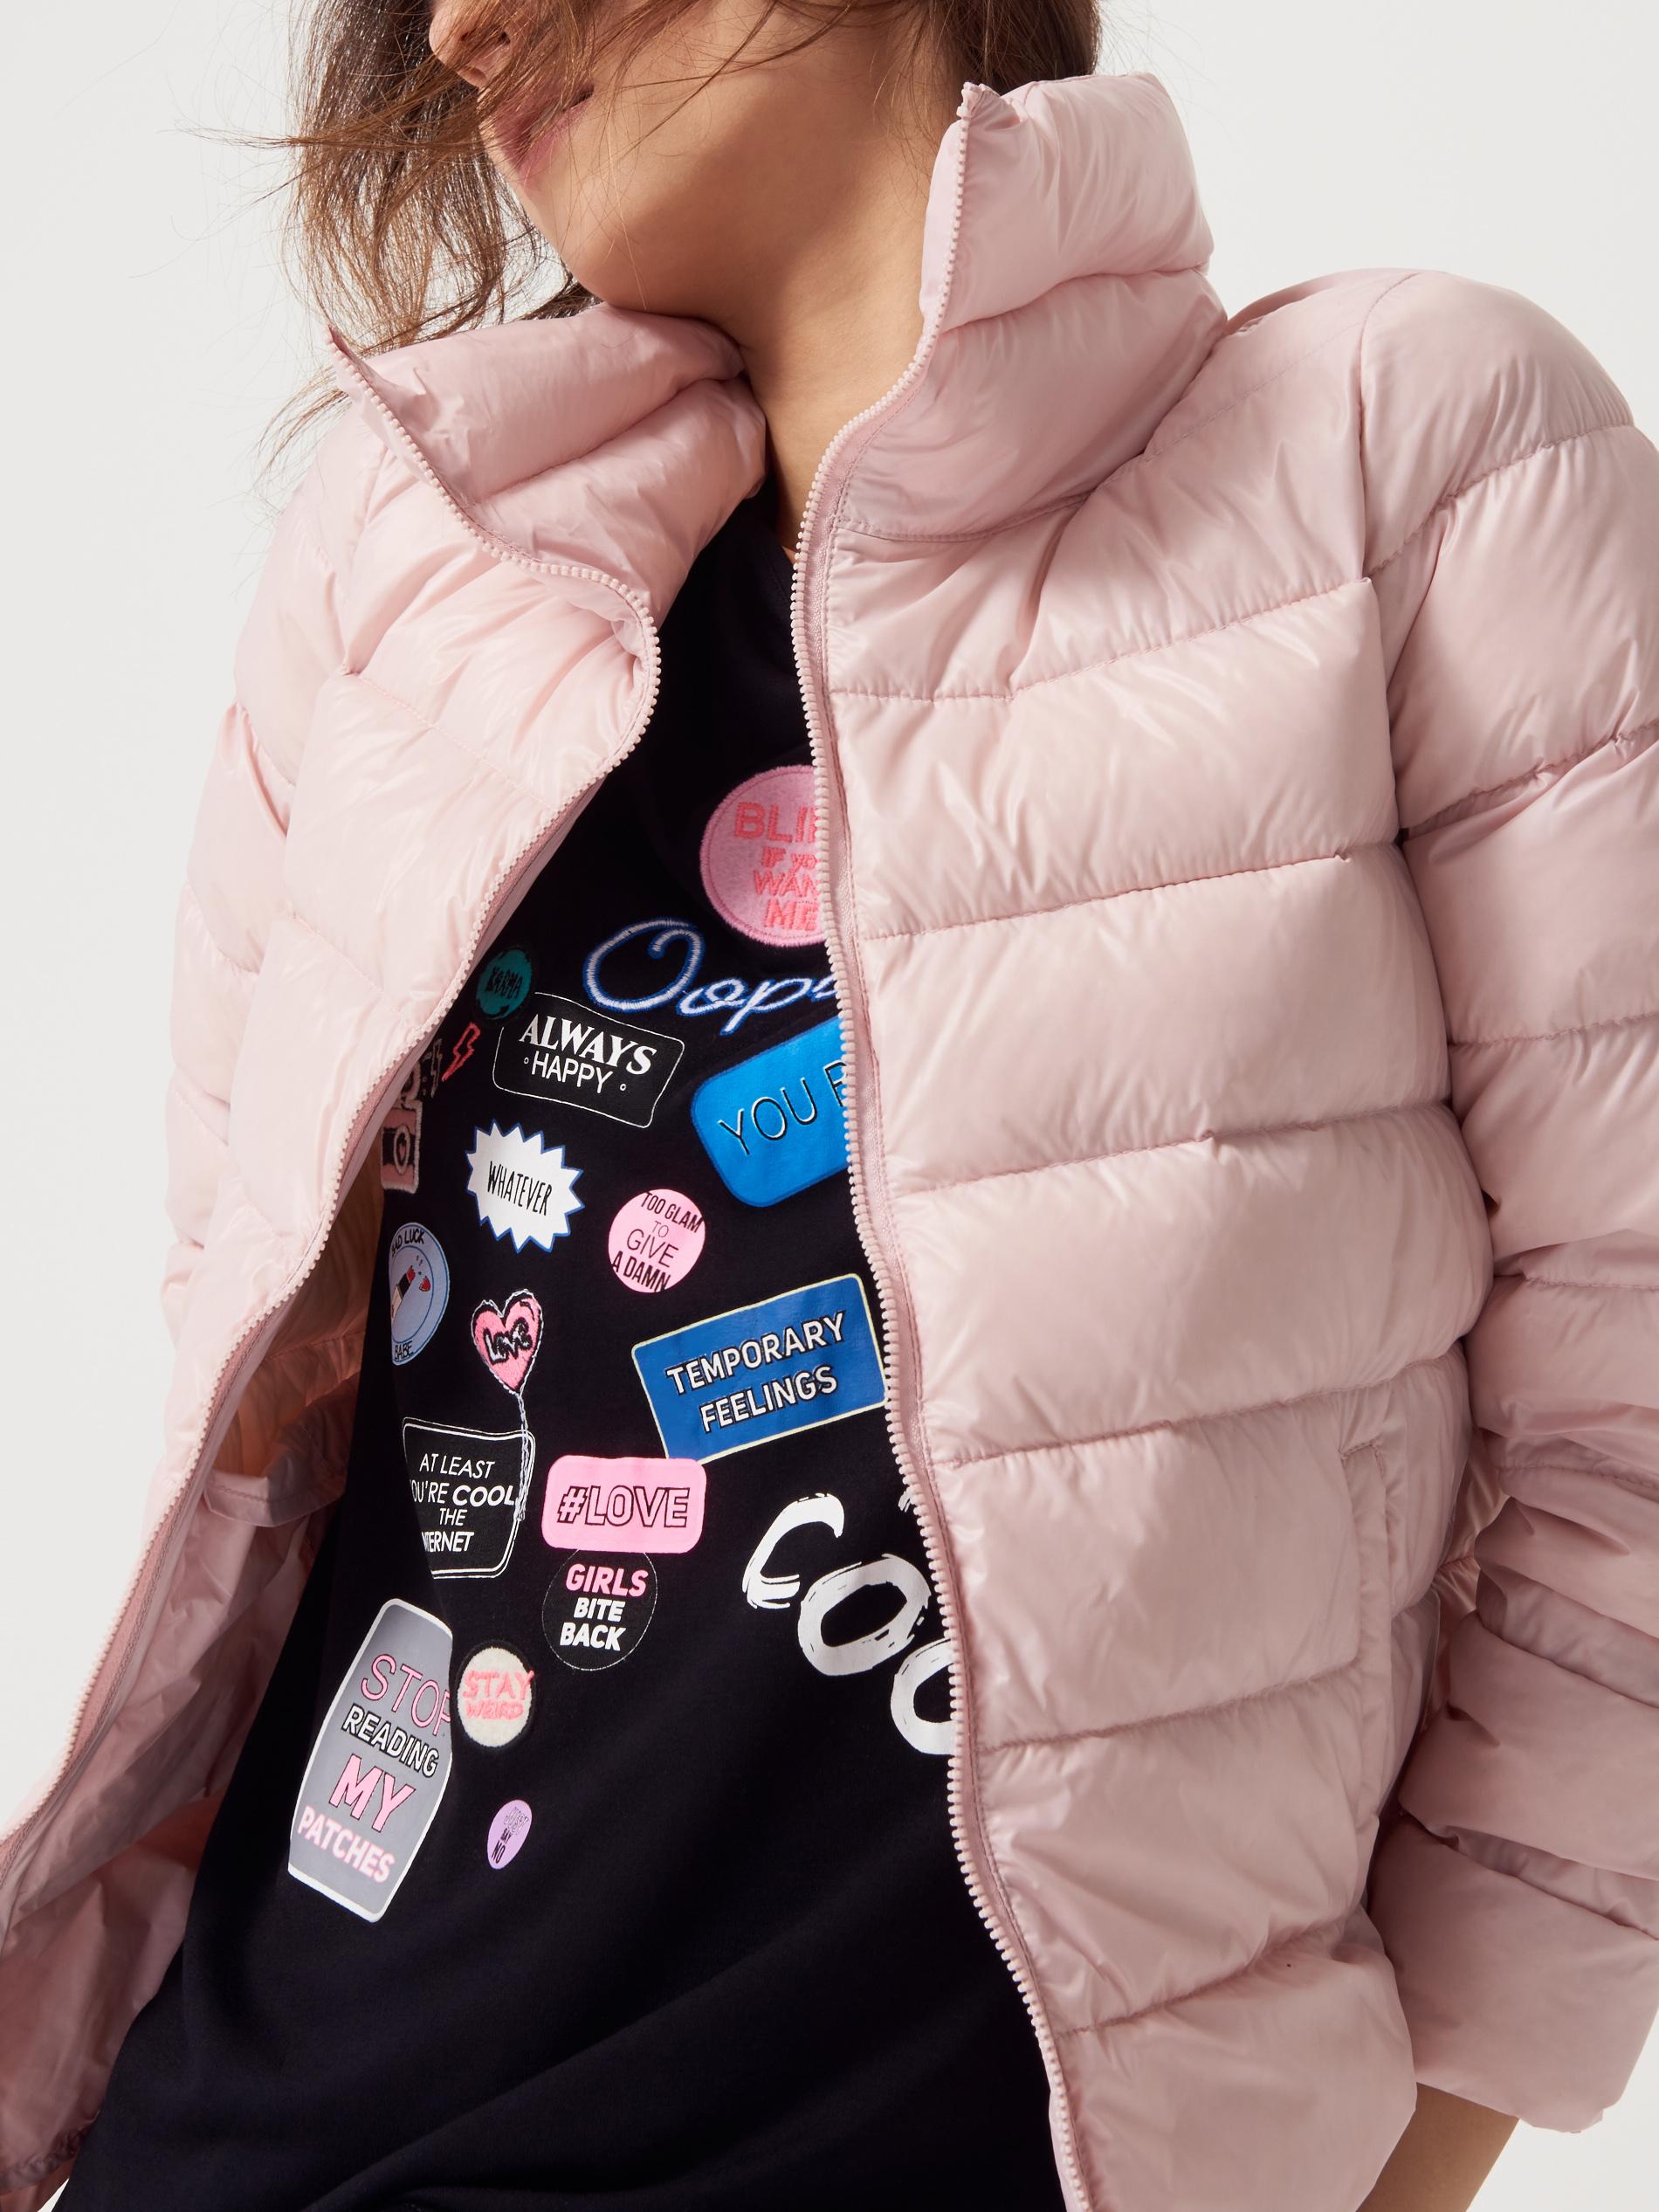 cf25b1a7f7b3a W końcu pikowana ciemna kurtka nigdy nie wychodzi z mody i z pewnością  będzie Ci służyła nawet przez kilka sezonów.